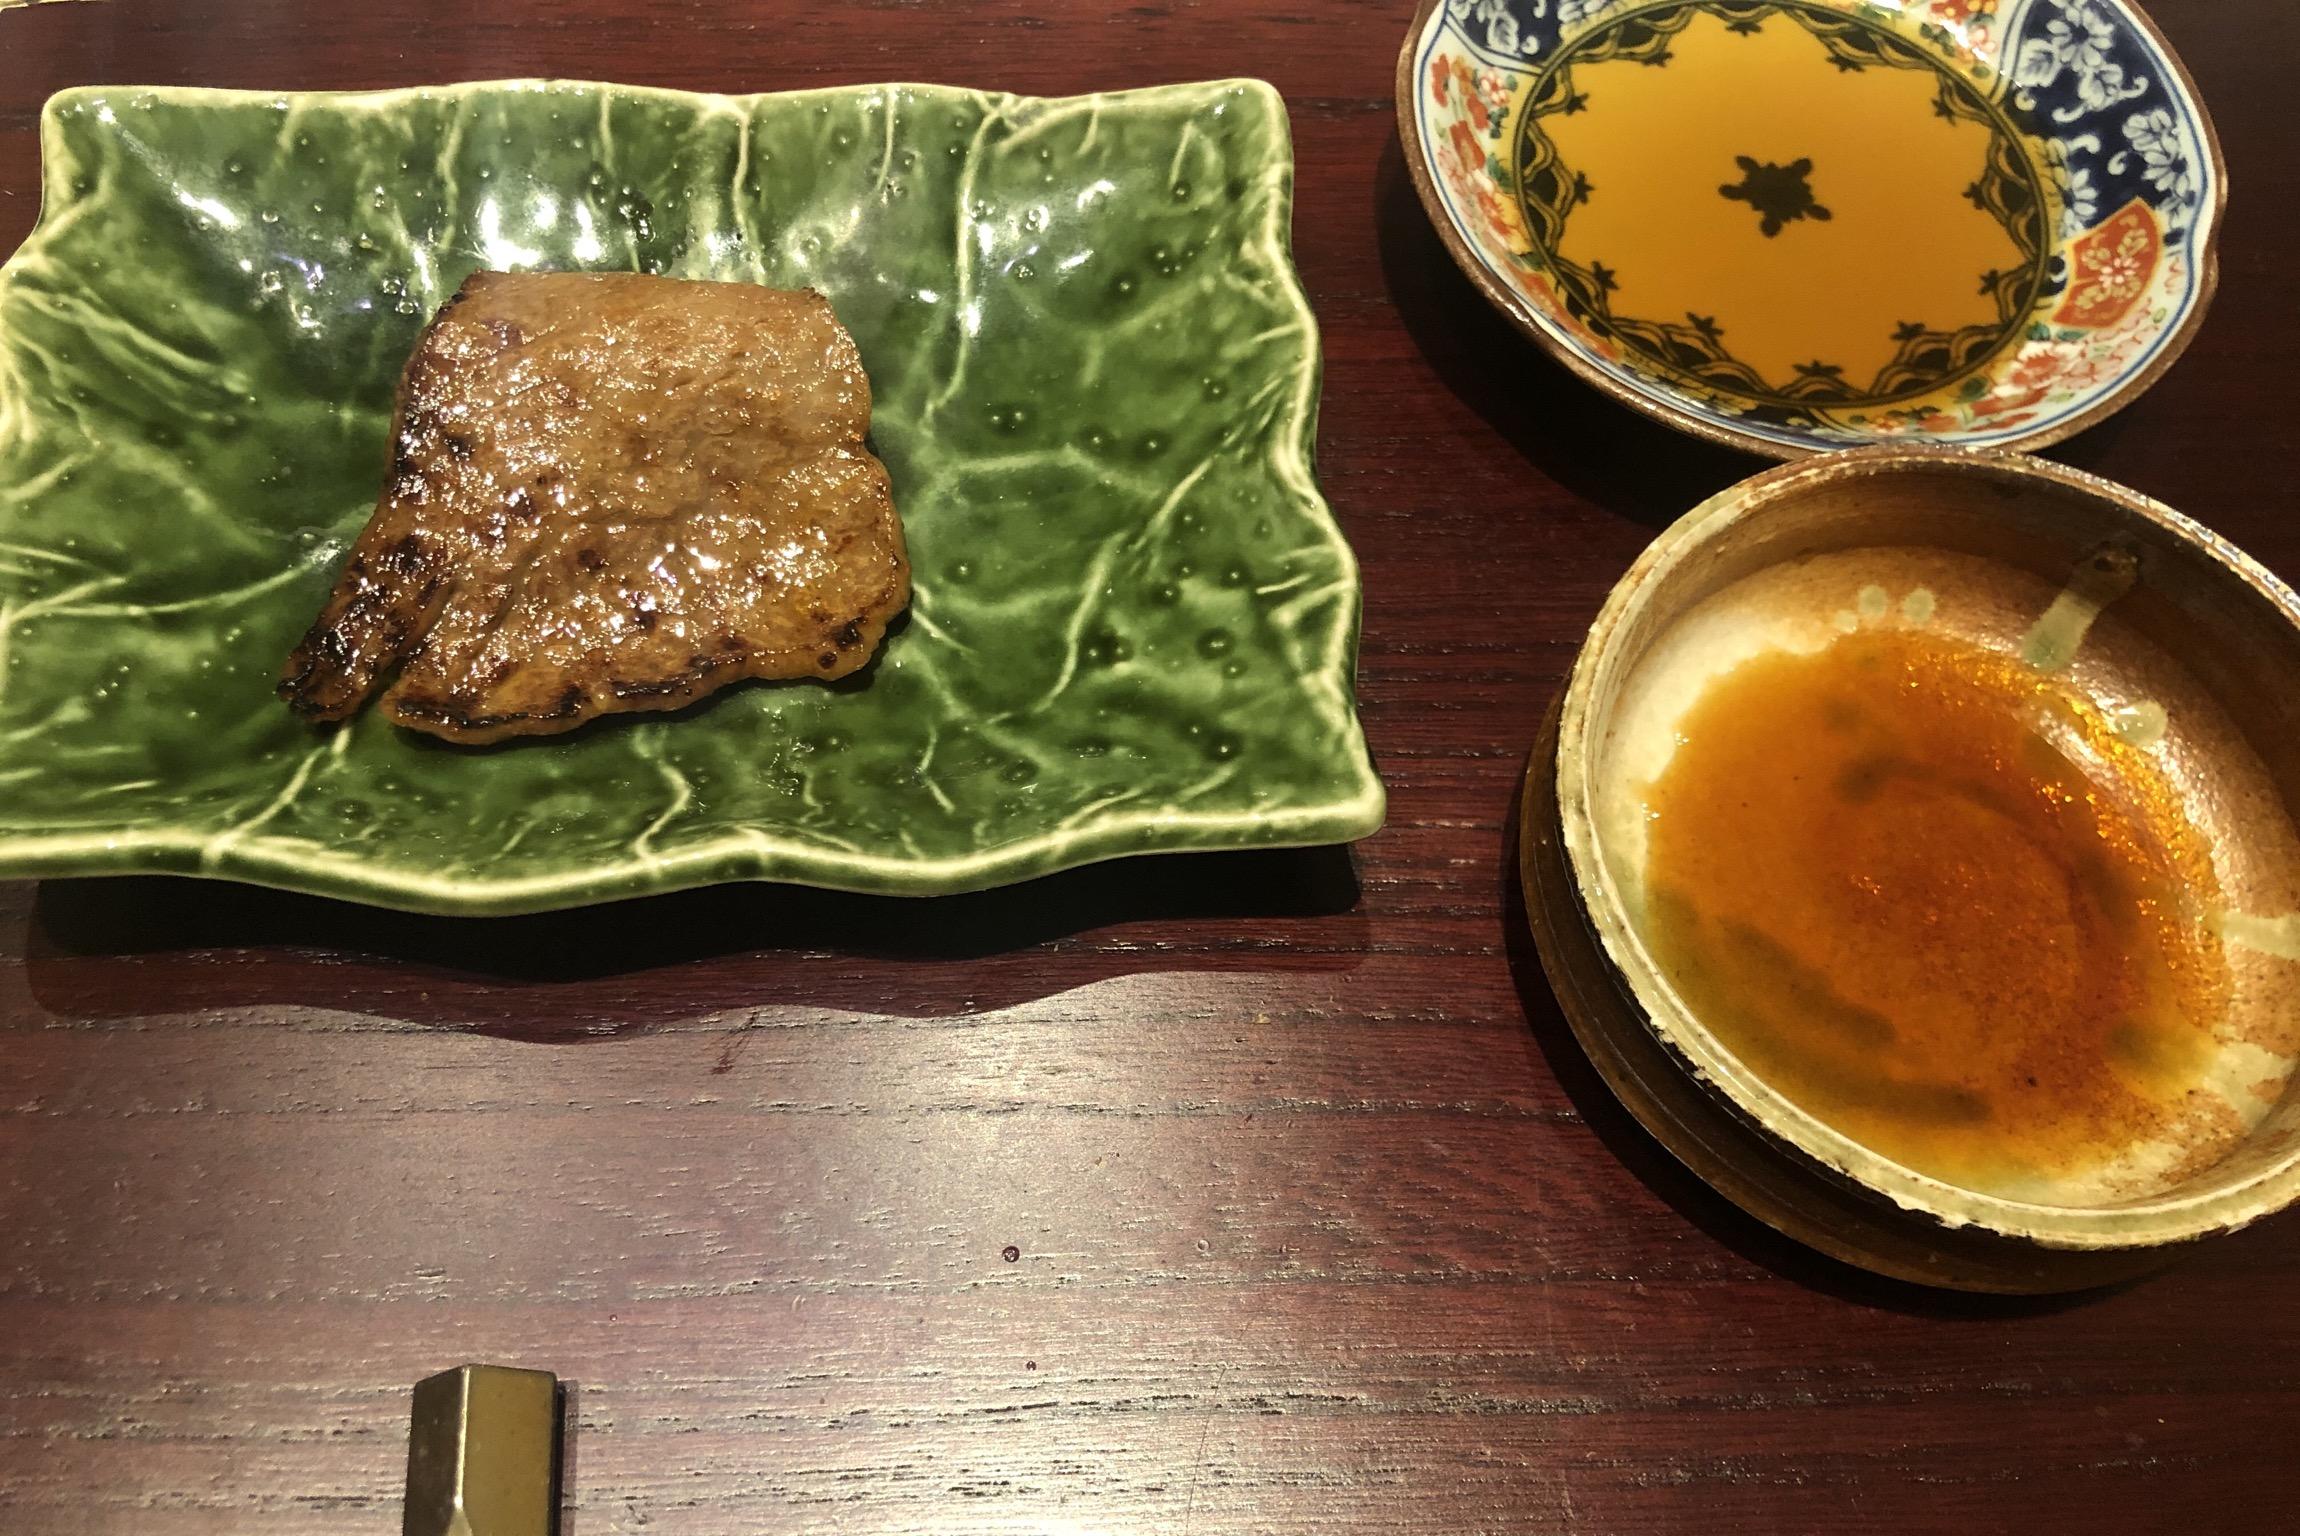 【ご褒美グルメ】焼肉なら絶対ココ!完全個室のお忍び焼肉♡フルアテンドの贅沢外食♪◌°_5